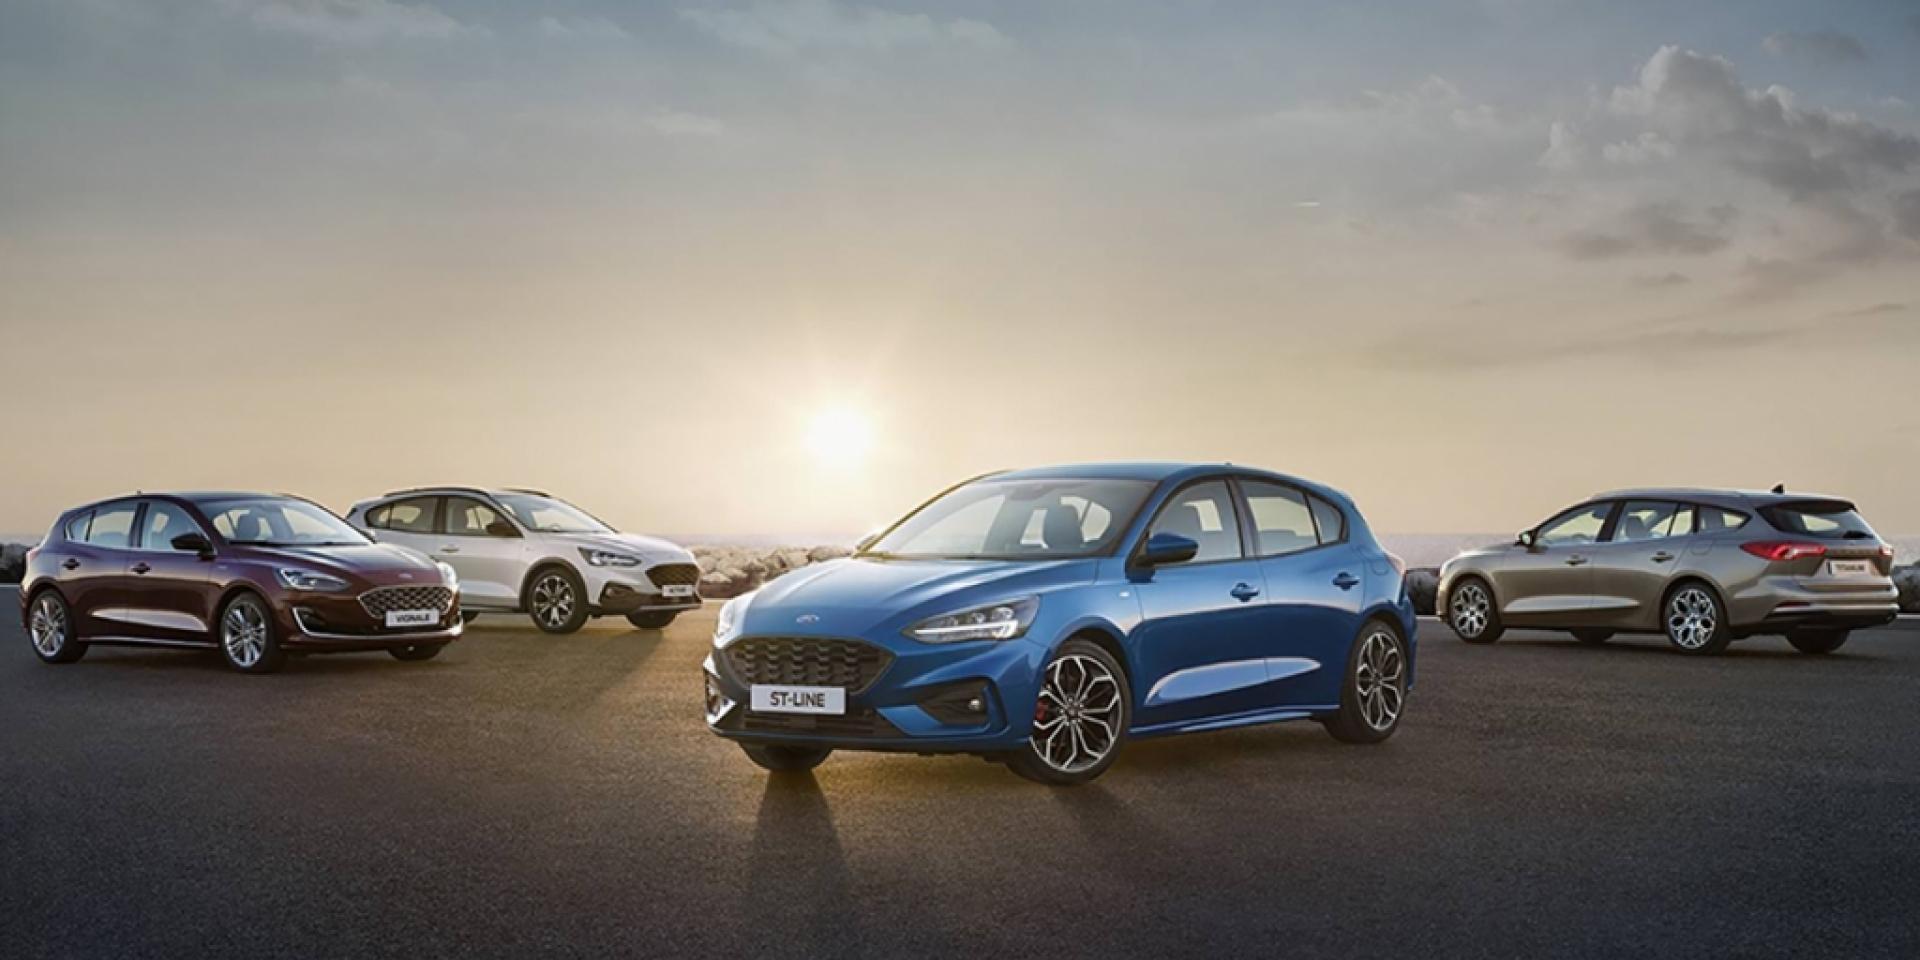 四代Ford Focus放大登場,車型多樣化選擇